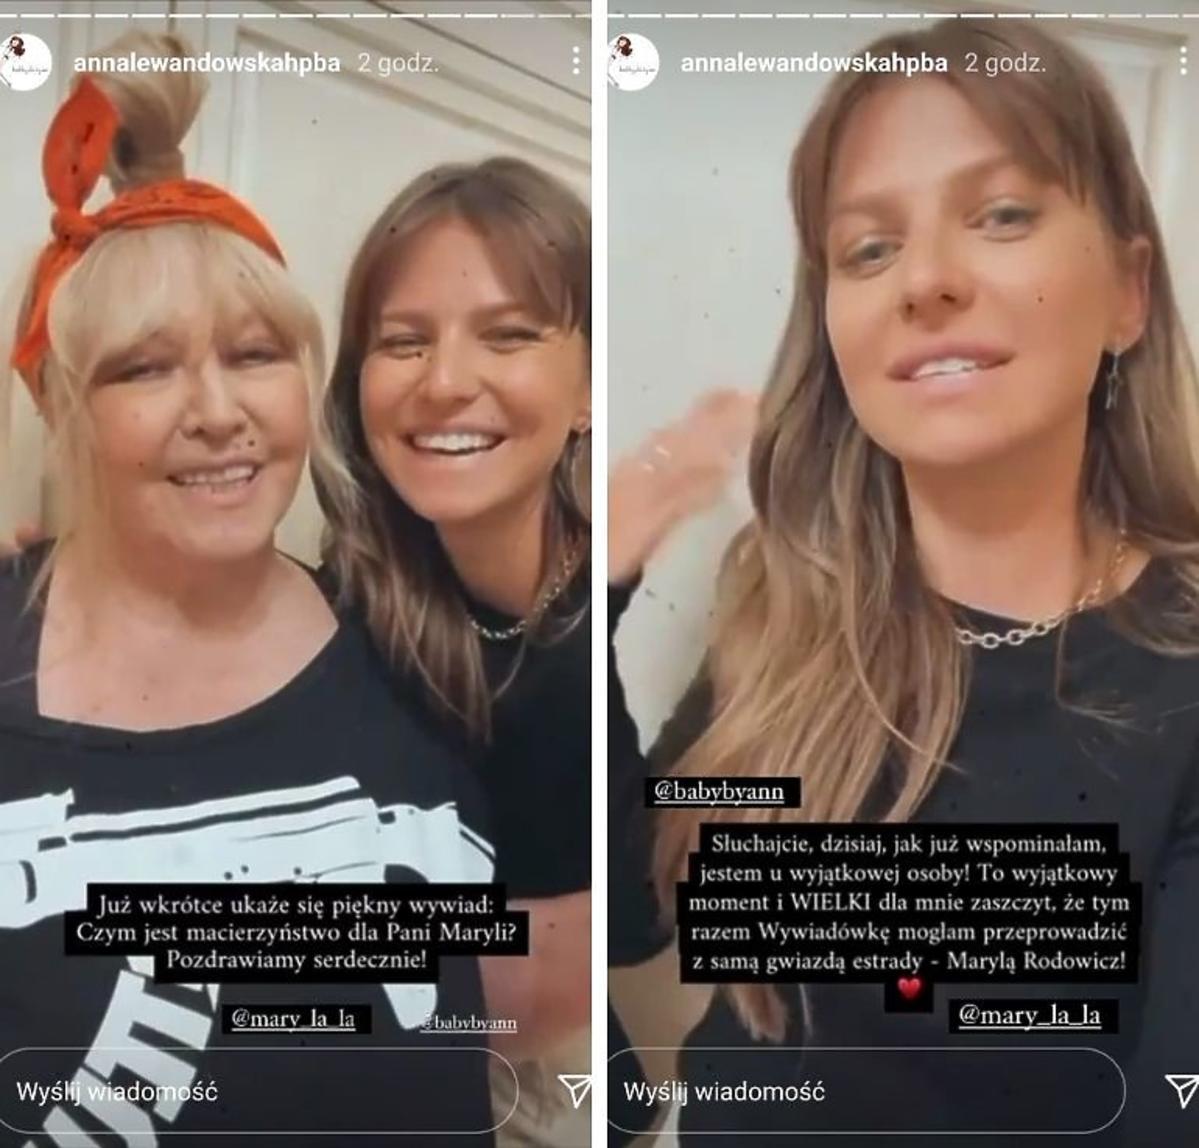 Maryla Rodowicz i Anna Lewandowska w czarnych koszulkach